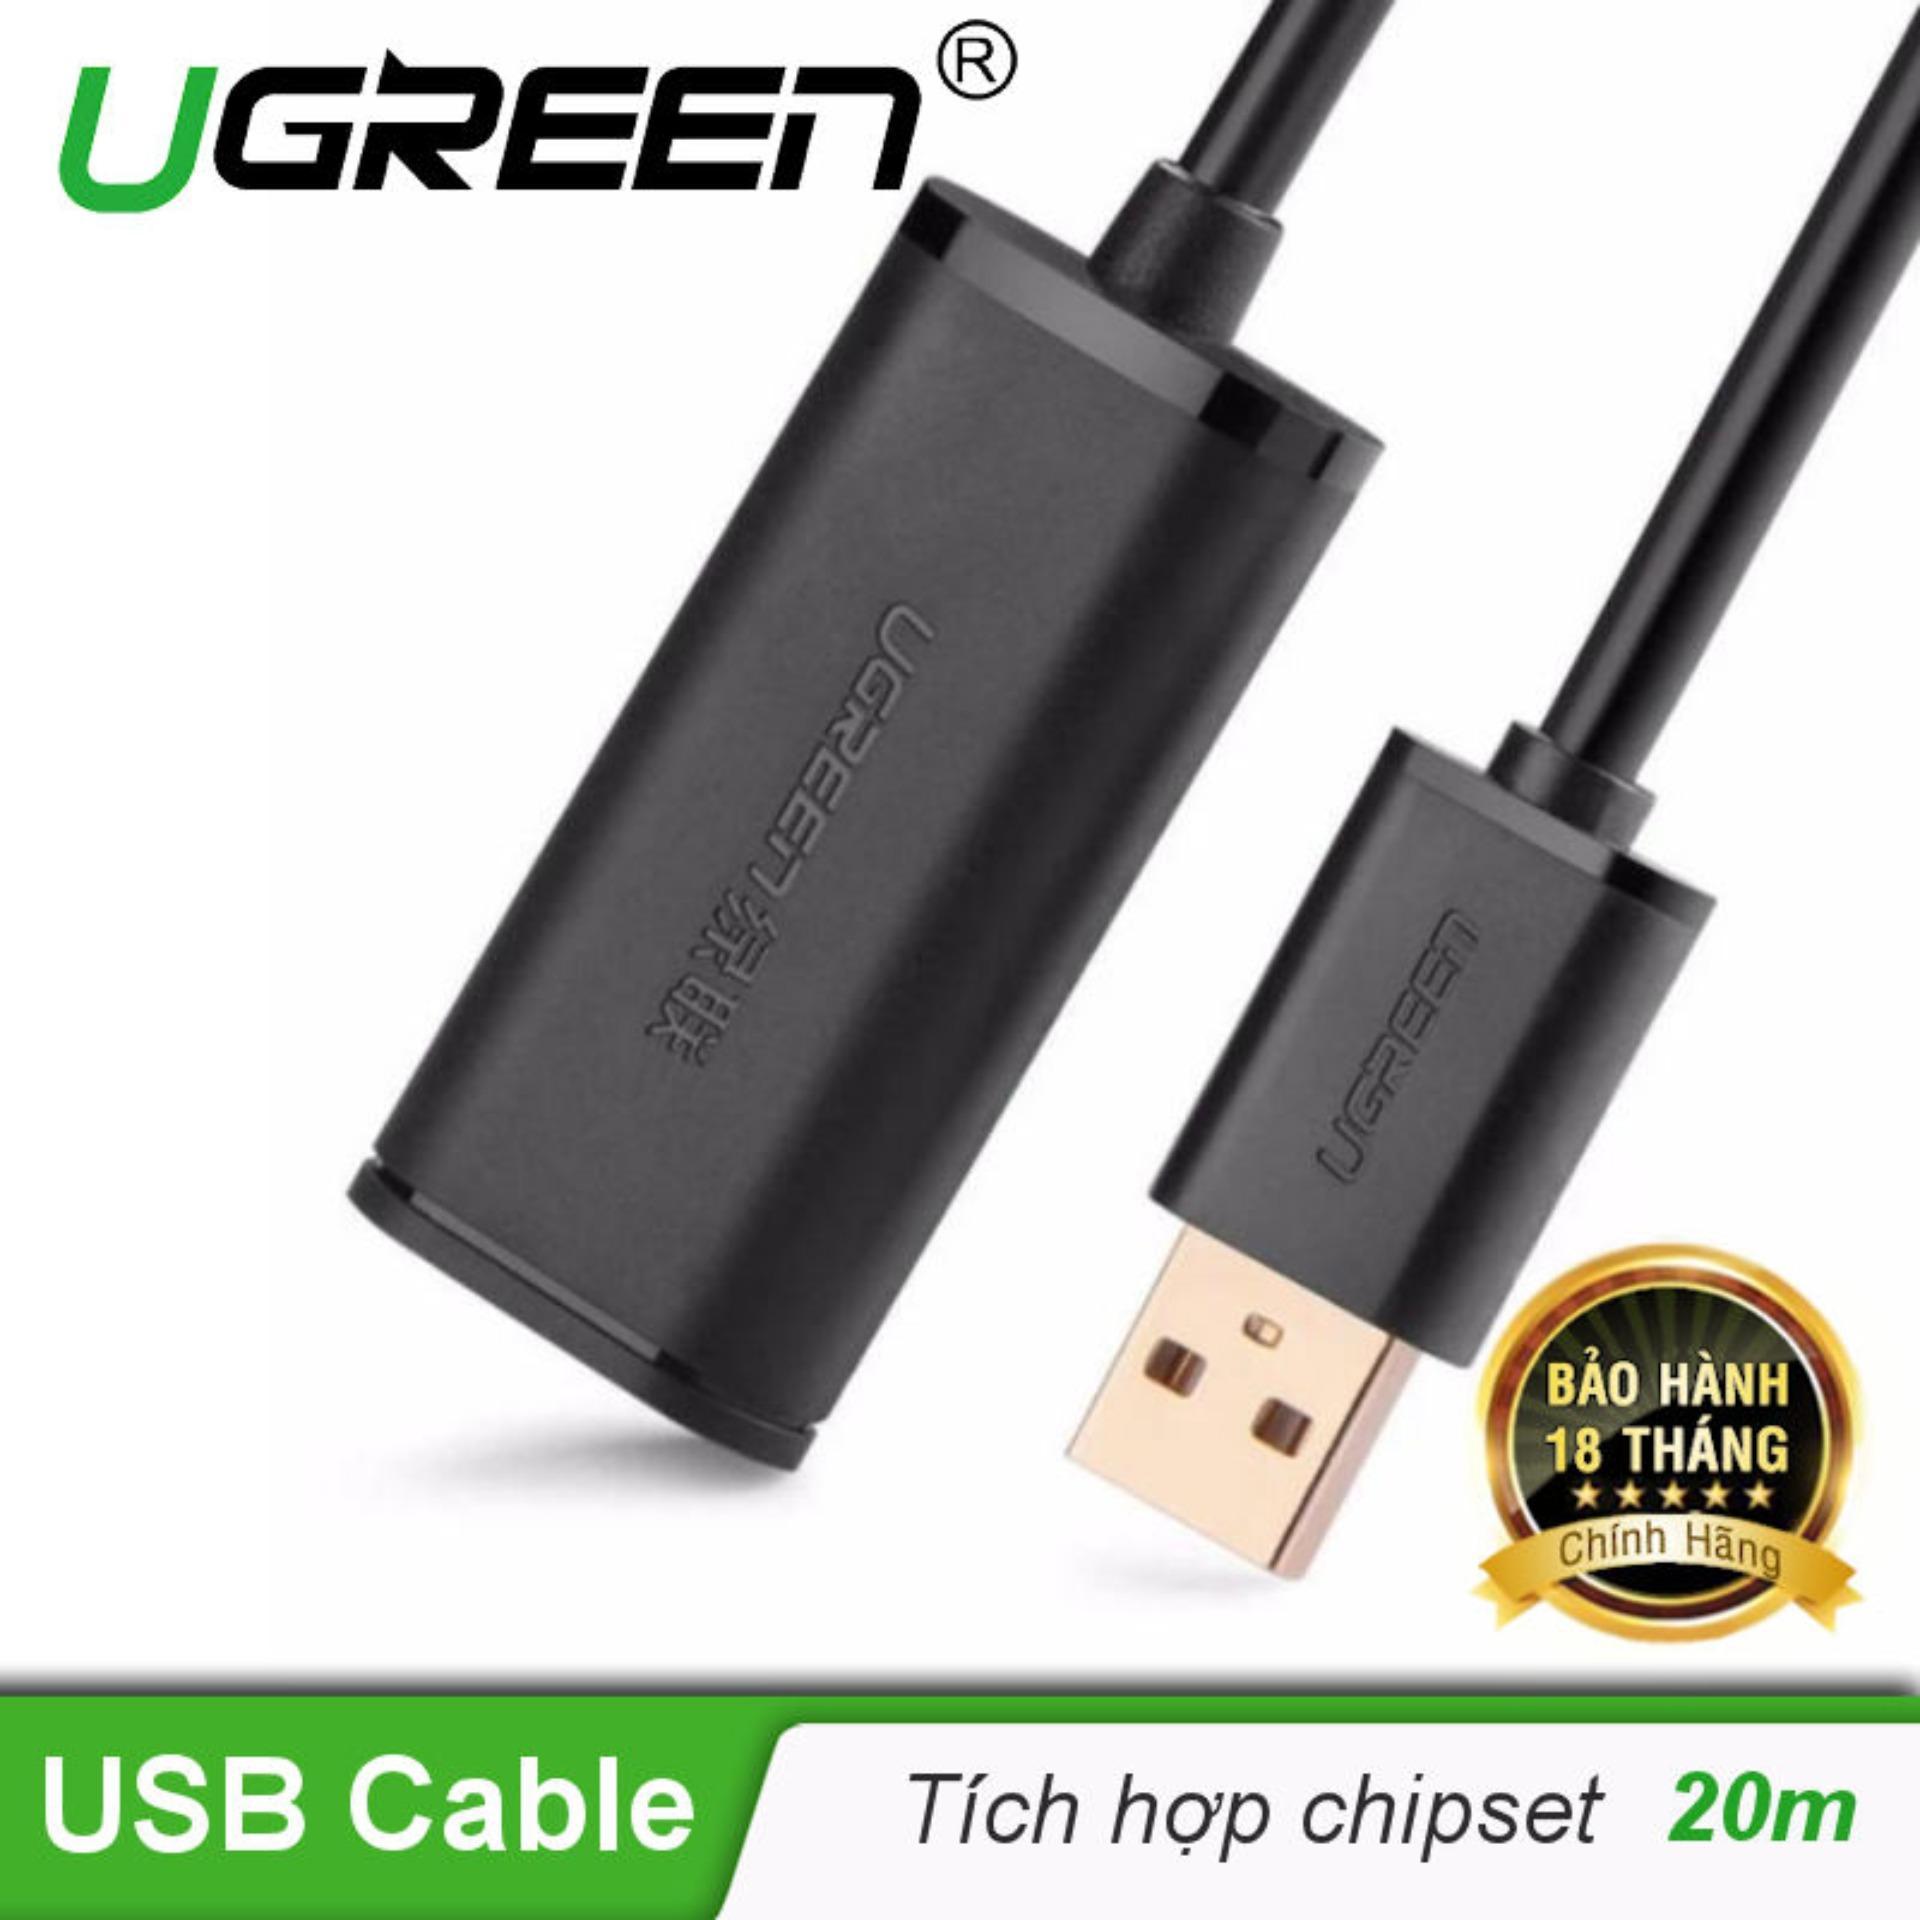 Dây USB 2.0 nối dài dài 20M Active có CHIP UGREEN US121 10324 - Hãng phân phối chính thức